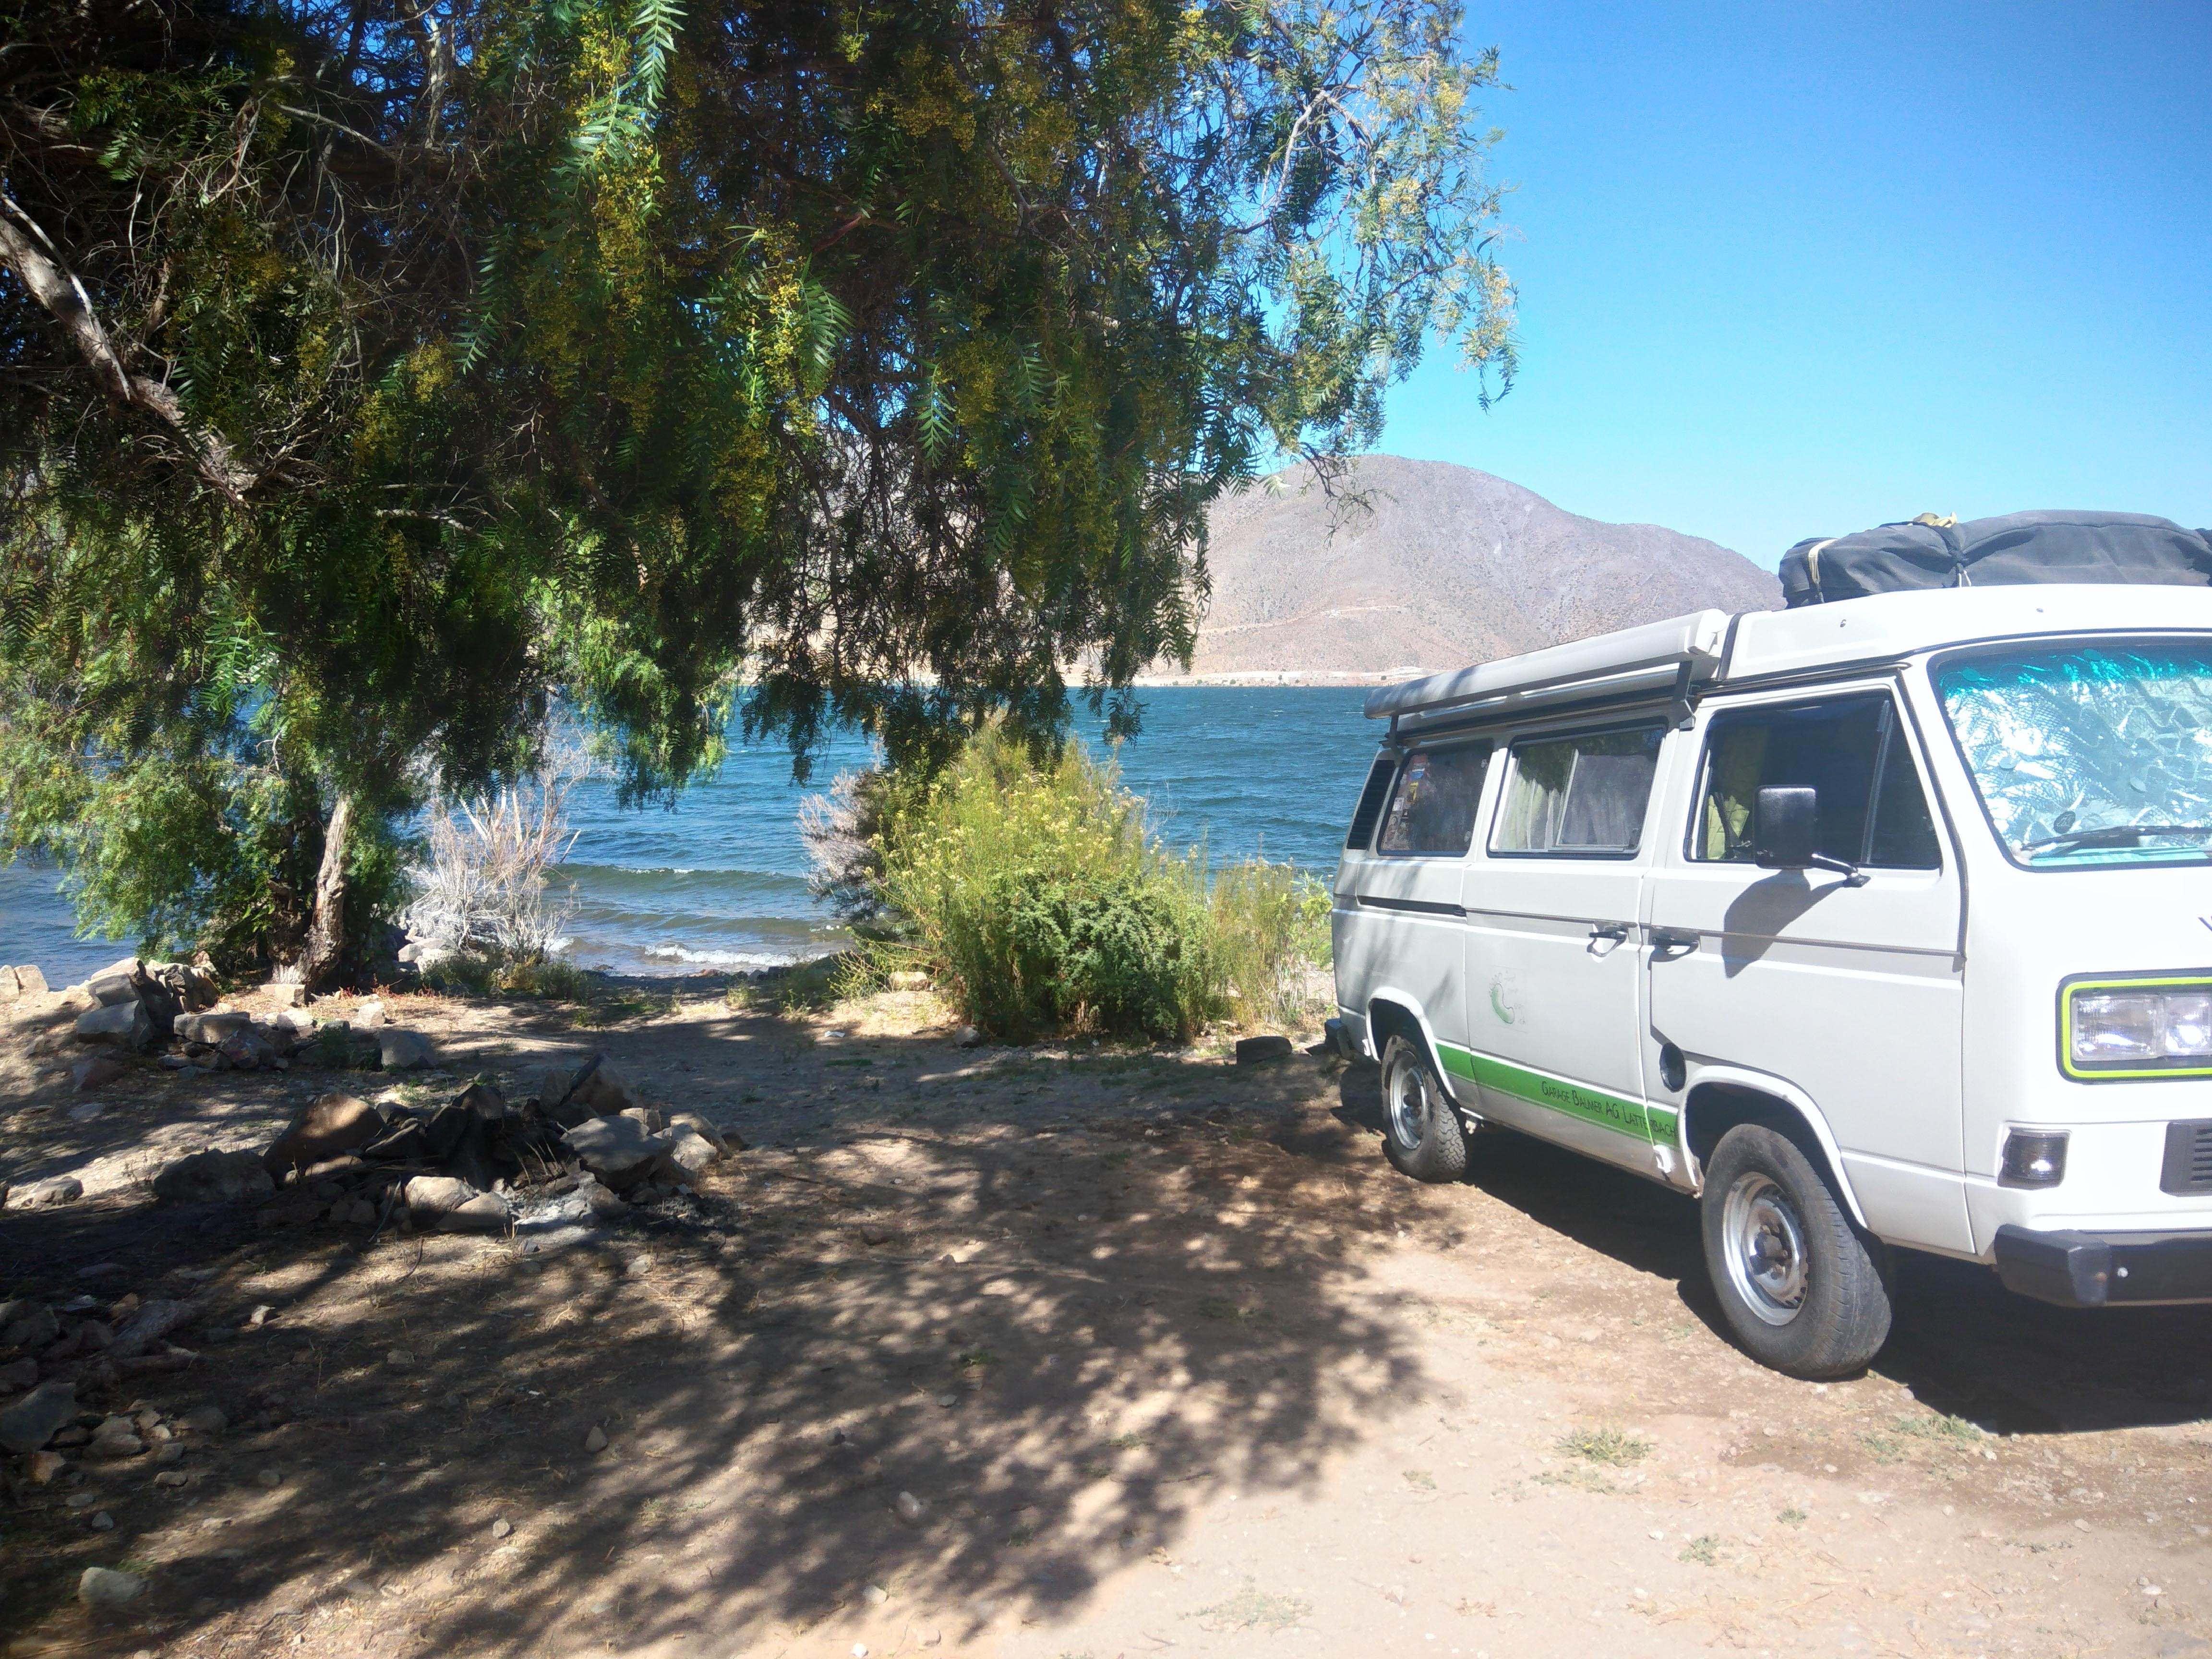 001 0201 Stausee Valle de Elqui - La Serena 5jpeg